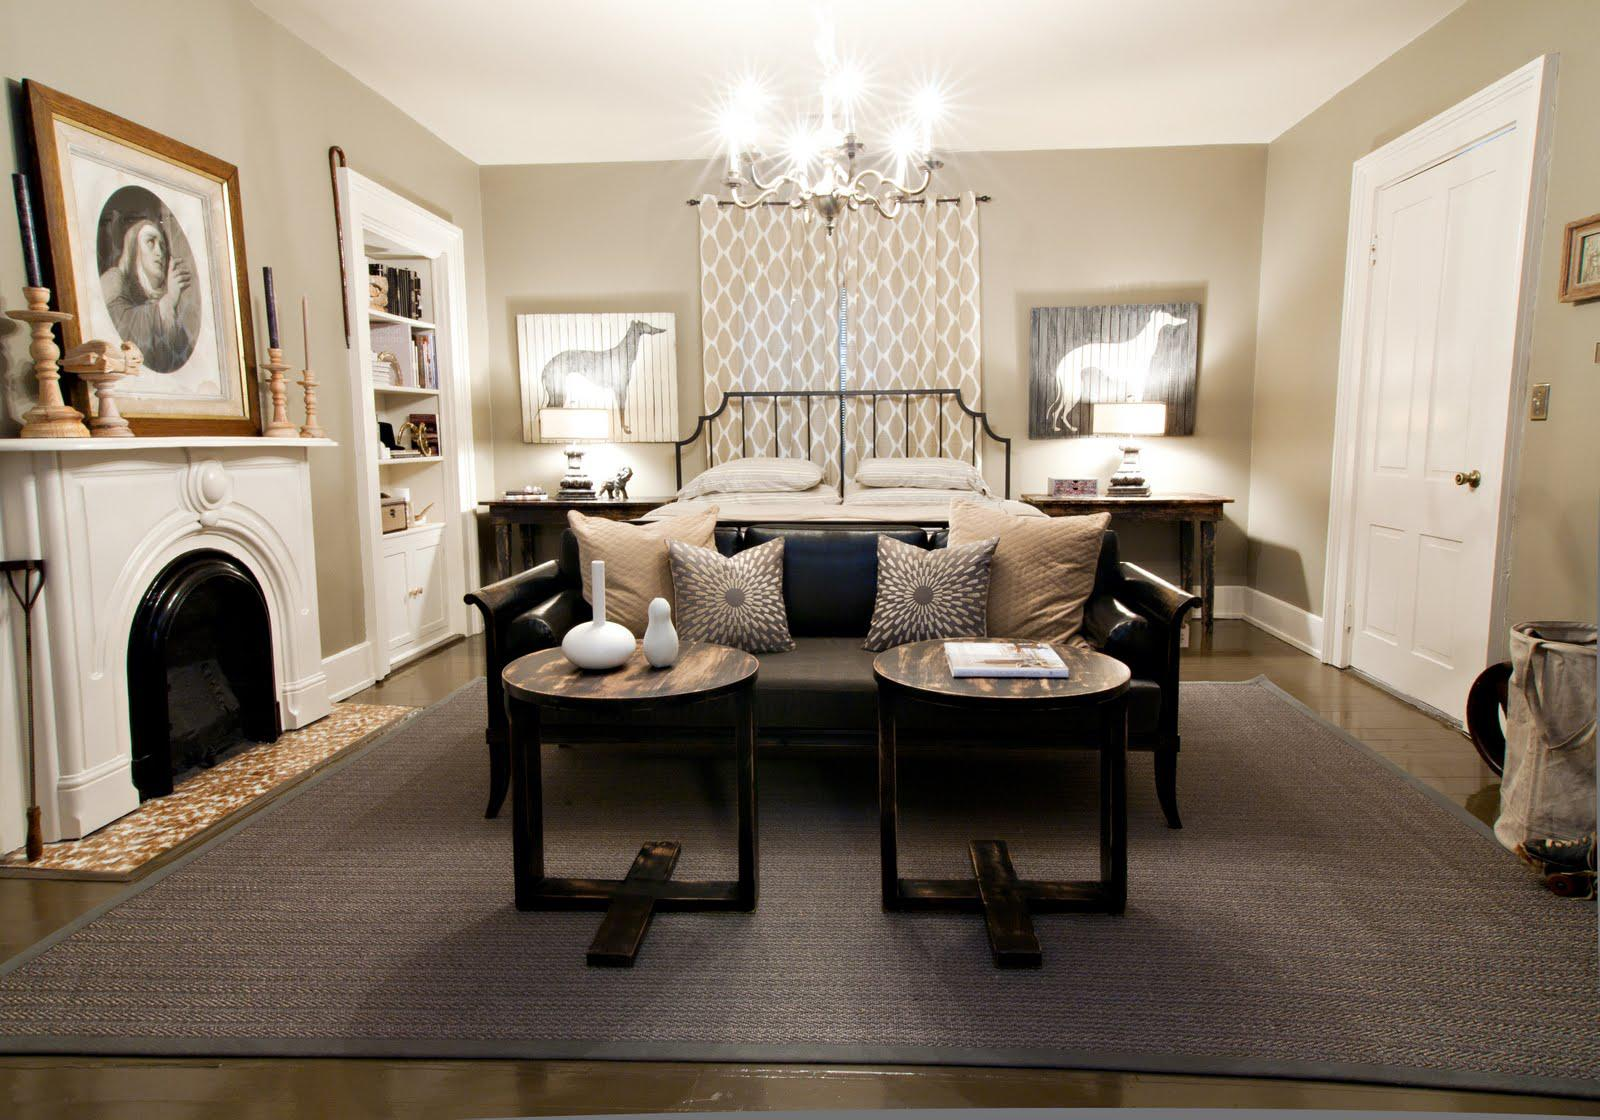 спальня дизайн интерьера в пастельных тонах.jpg